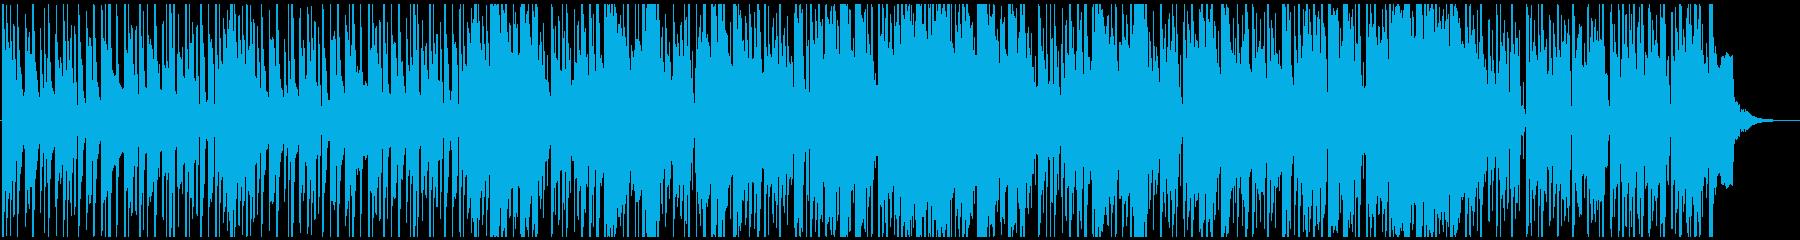 クラシックな70?셲ファンクサウン...の再生済みの波形